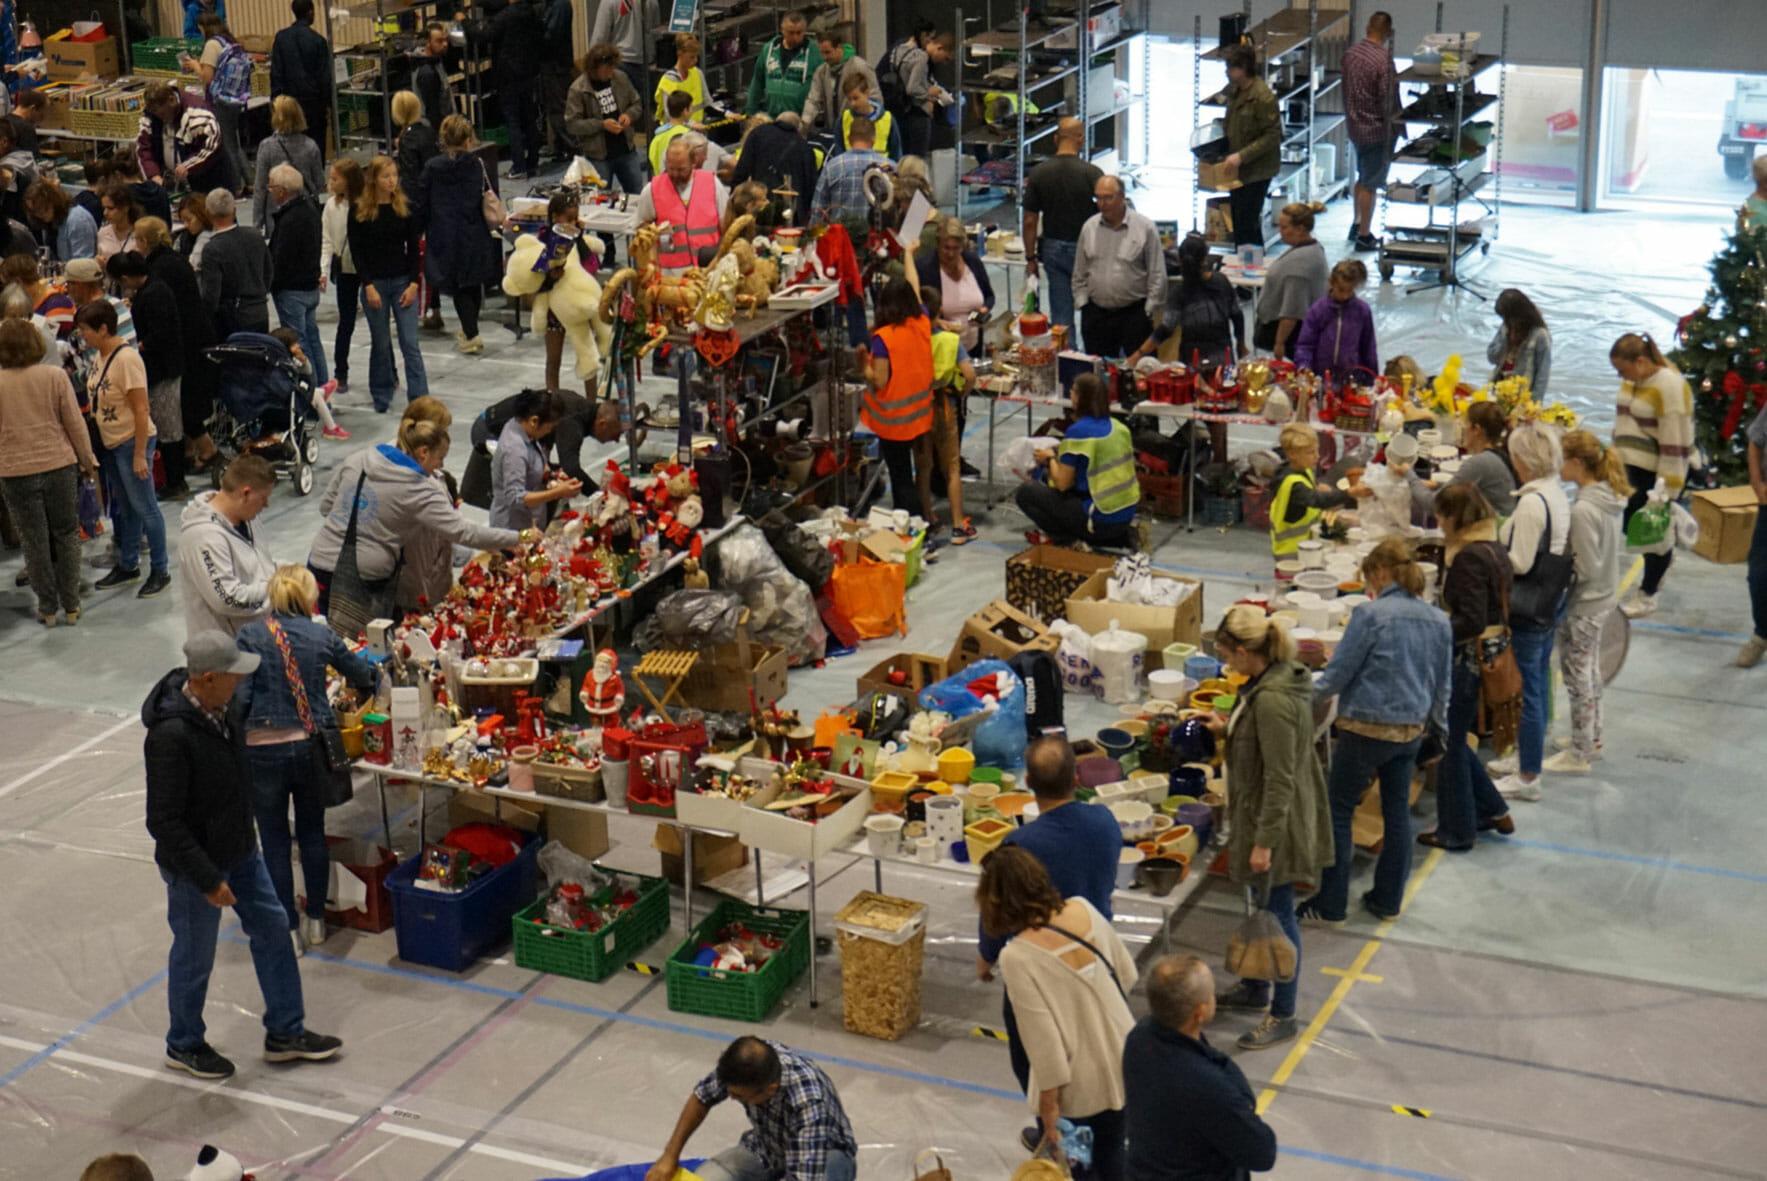 mennesker ved bord, loppemarked